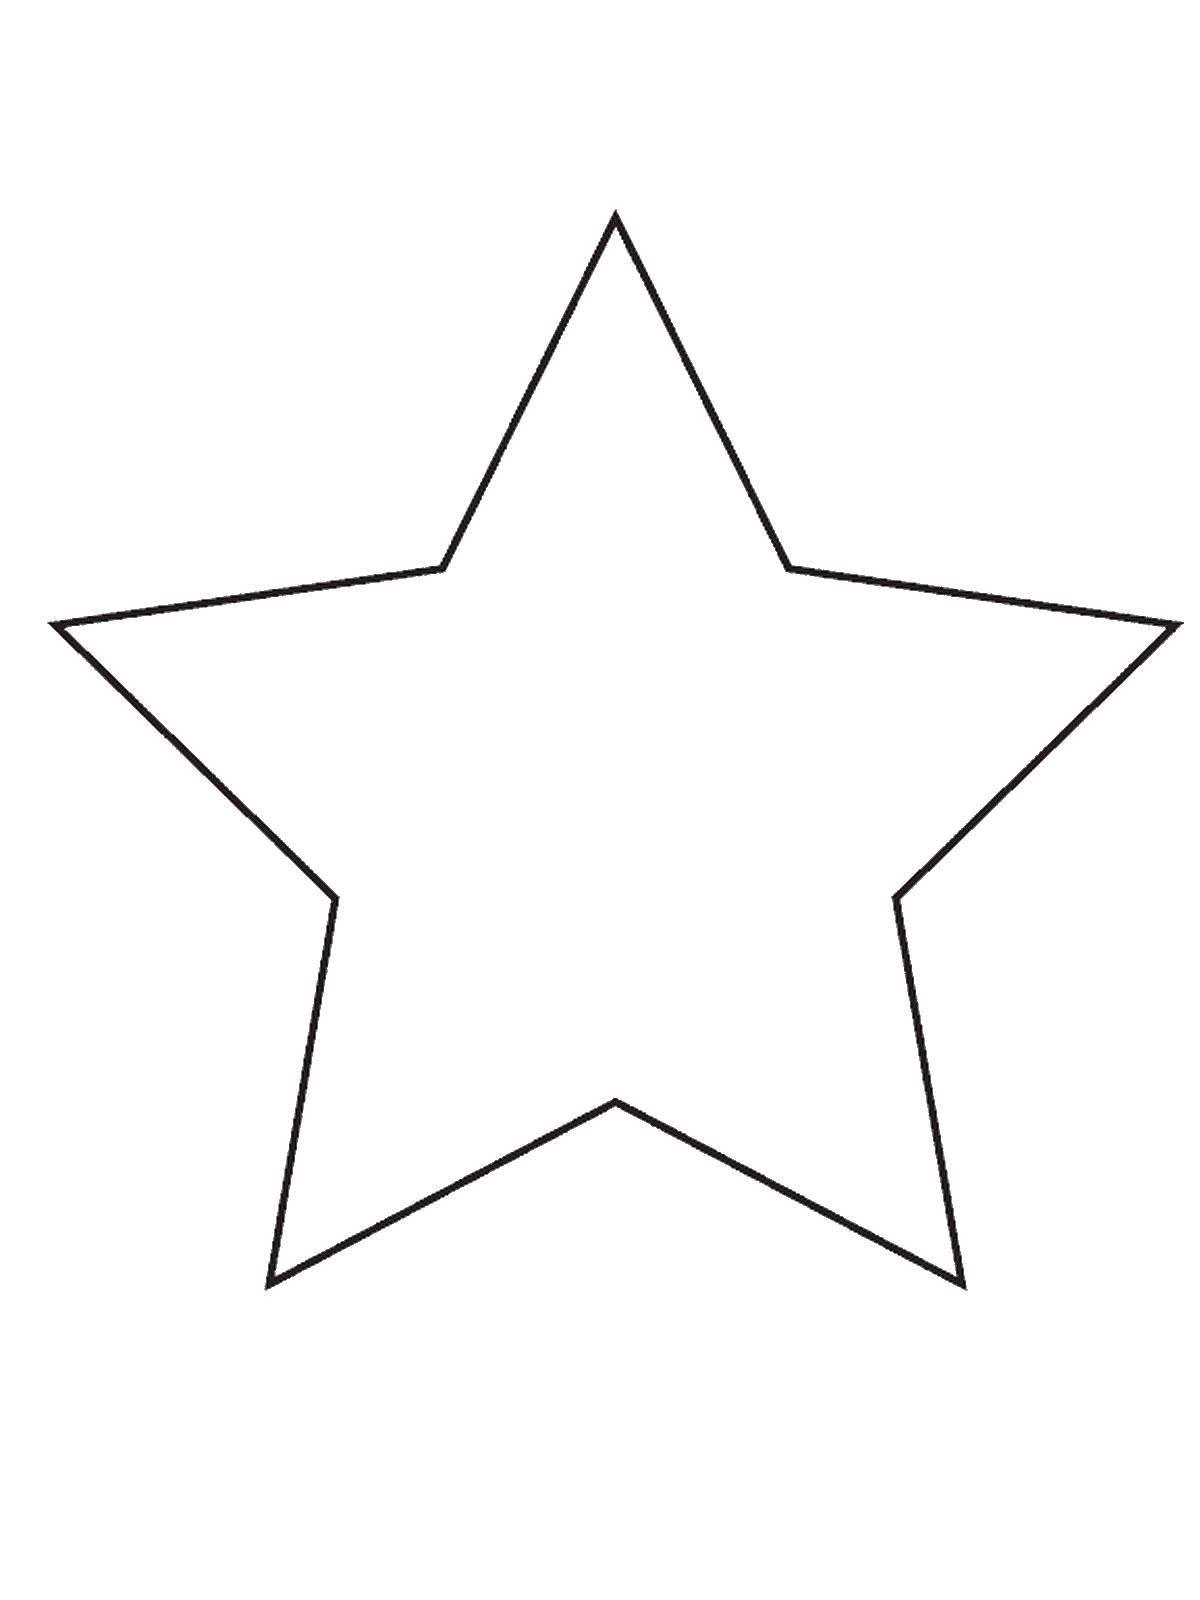 Раскраски Контуры звезда Раскраски Контуры звезда, звезды, звездочки для малышей